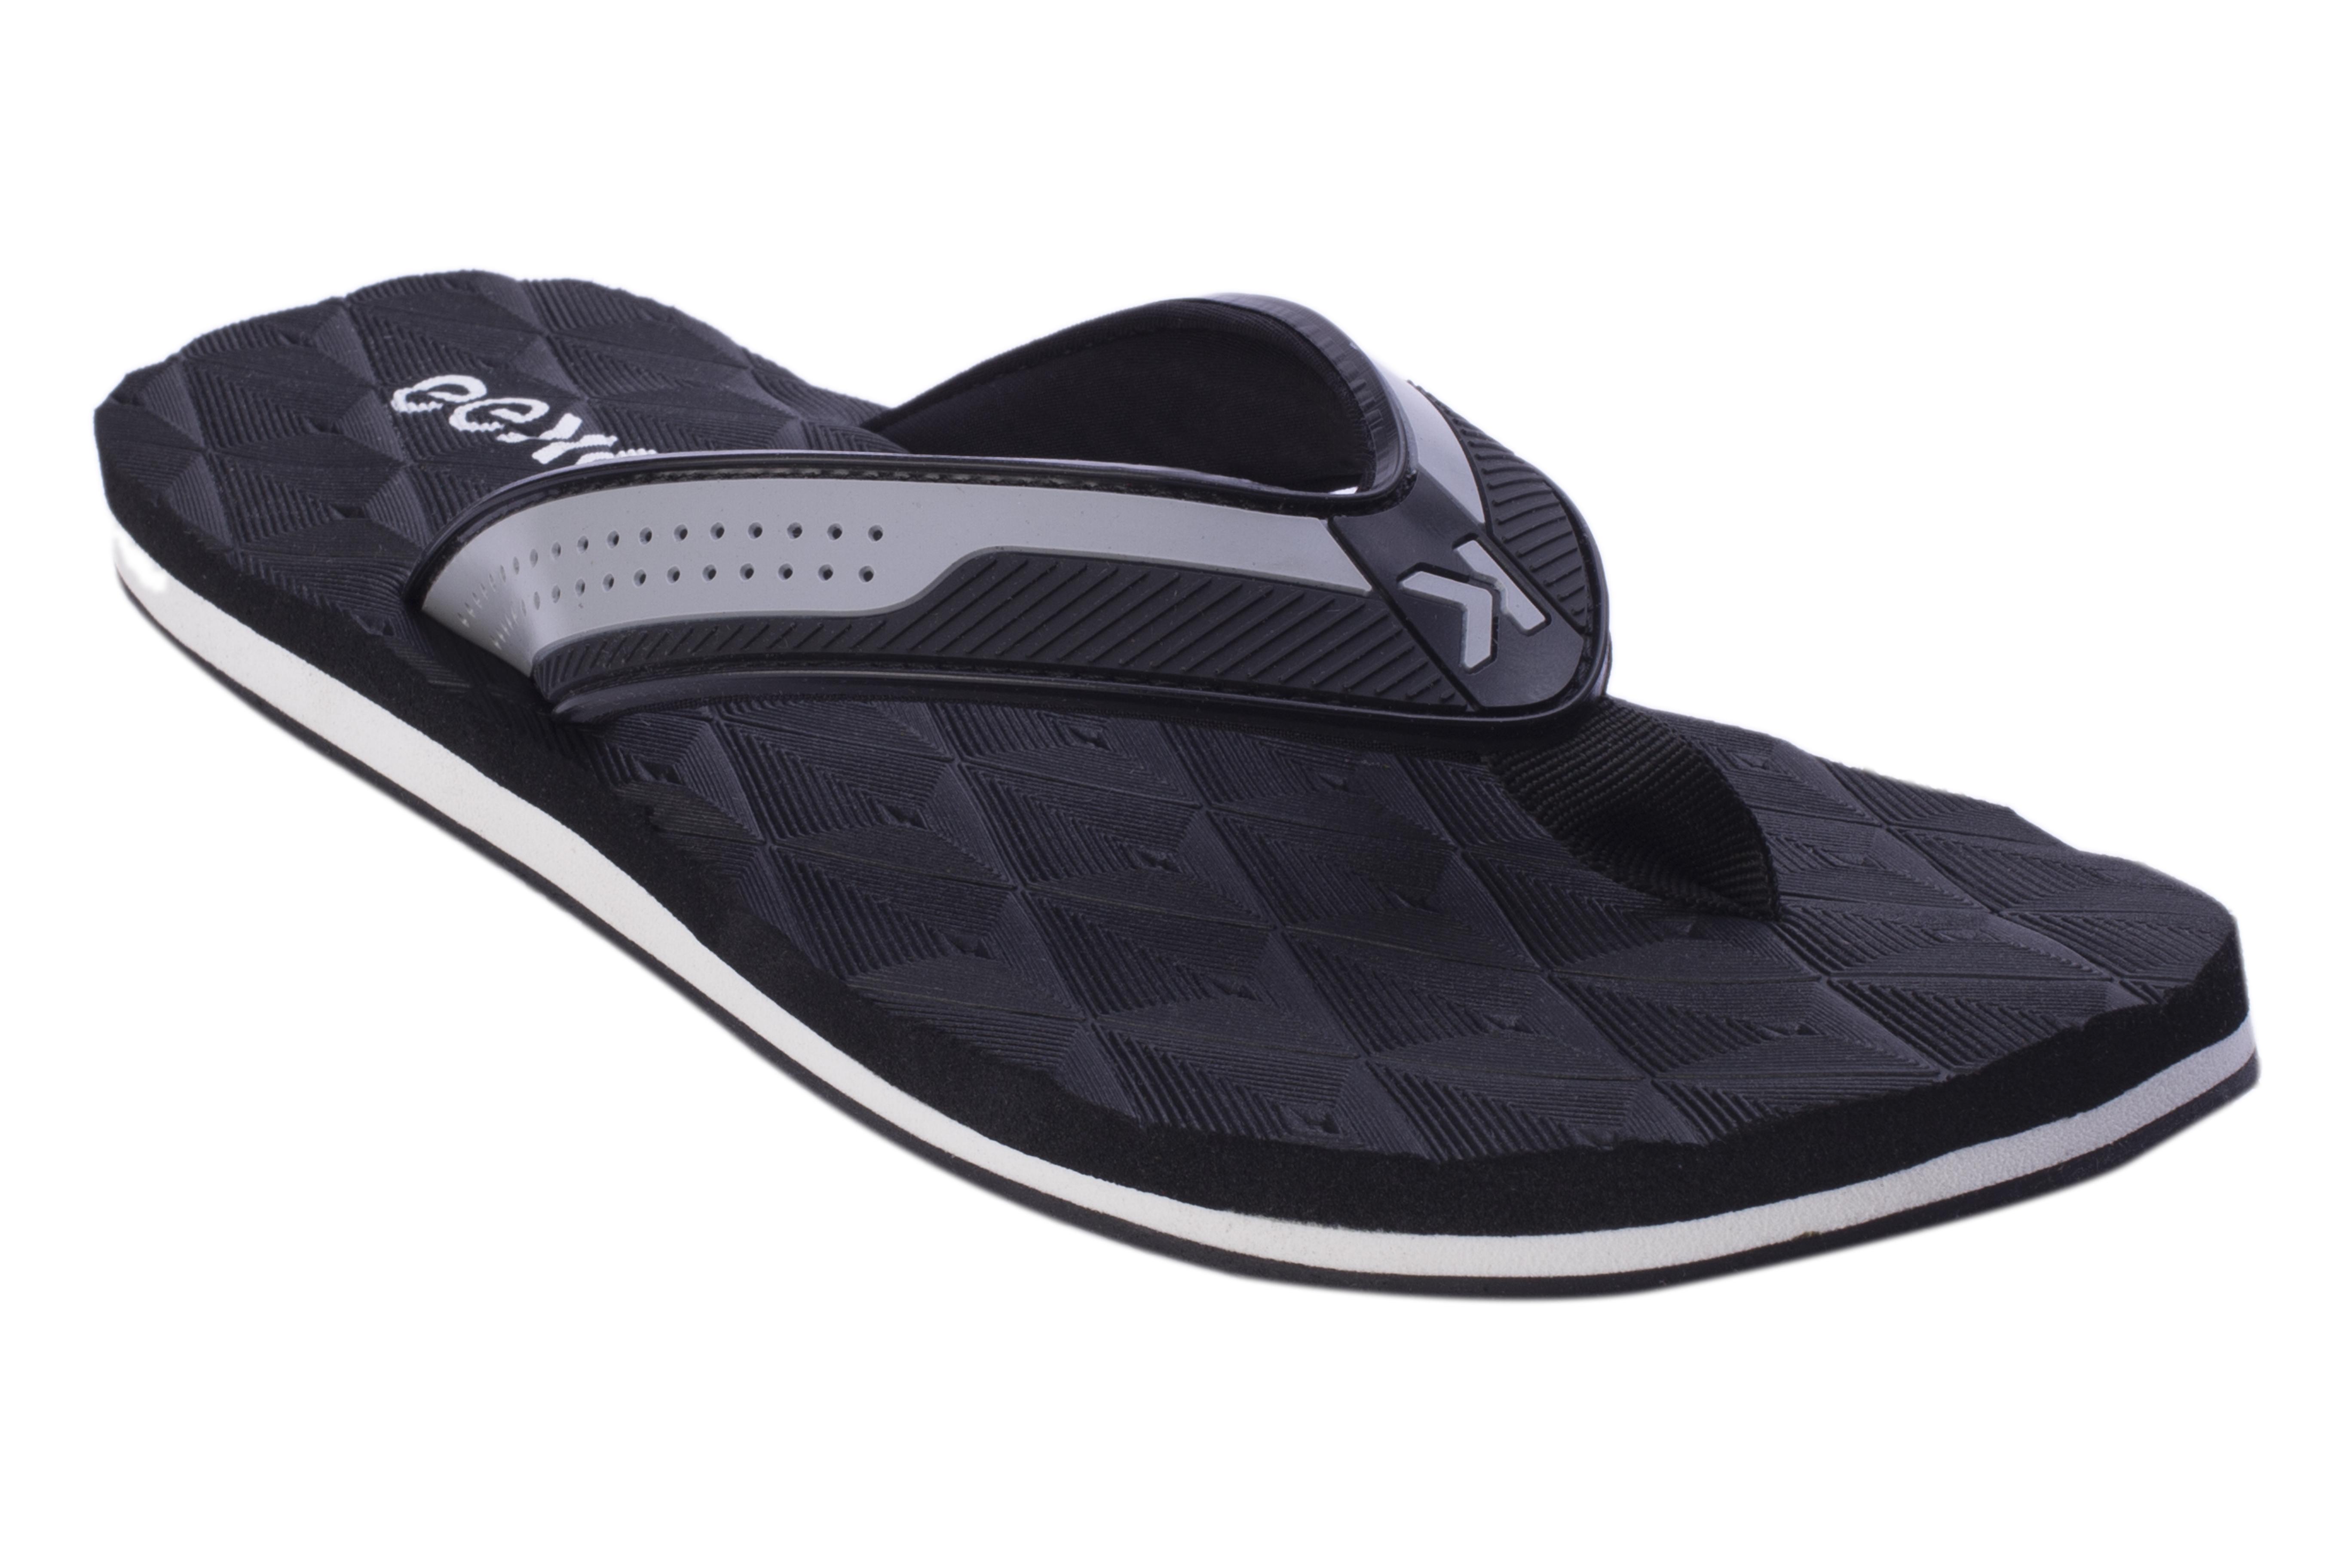 EEKEN | EEKEN Black Lightweight Flip-Flop for Men by Paragon